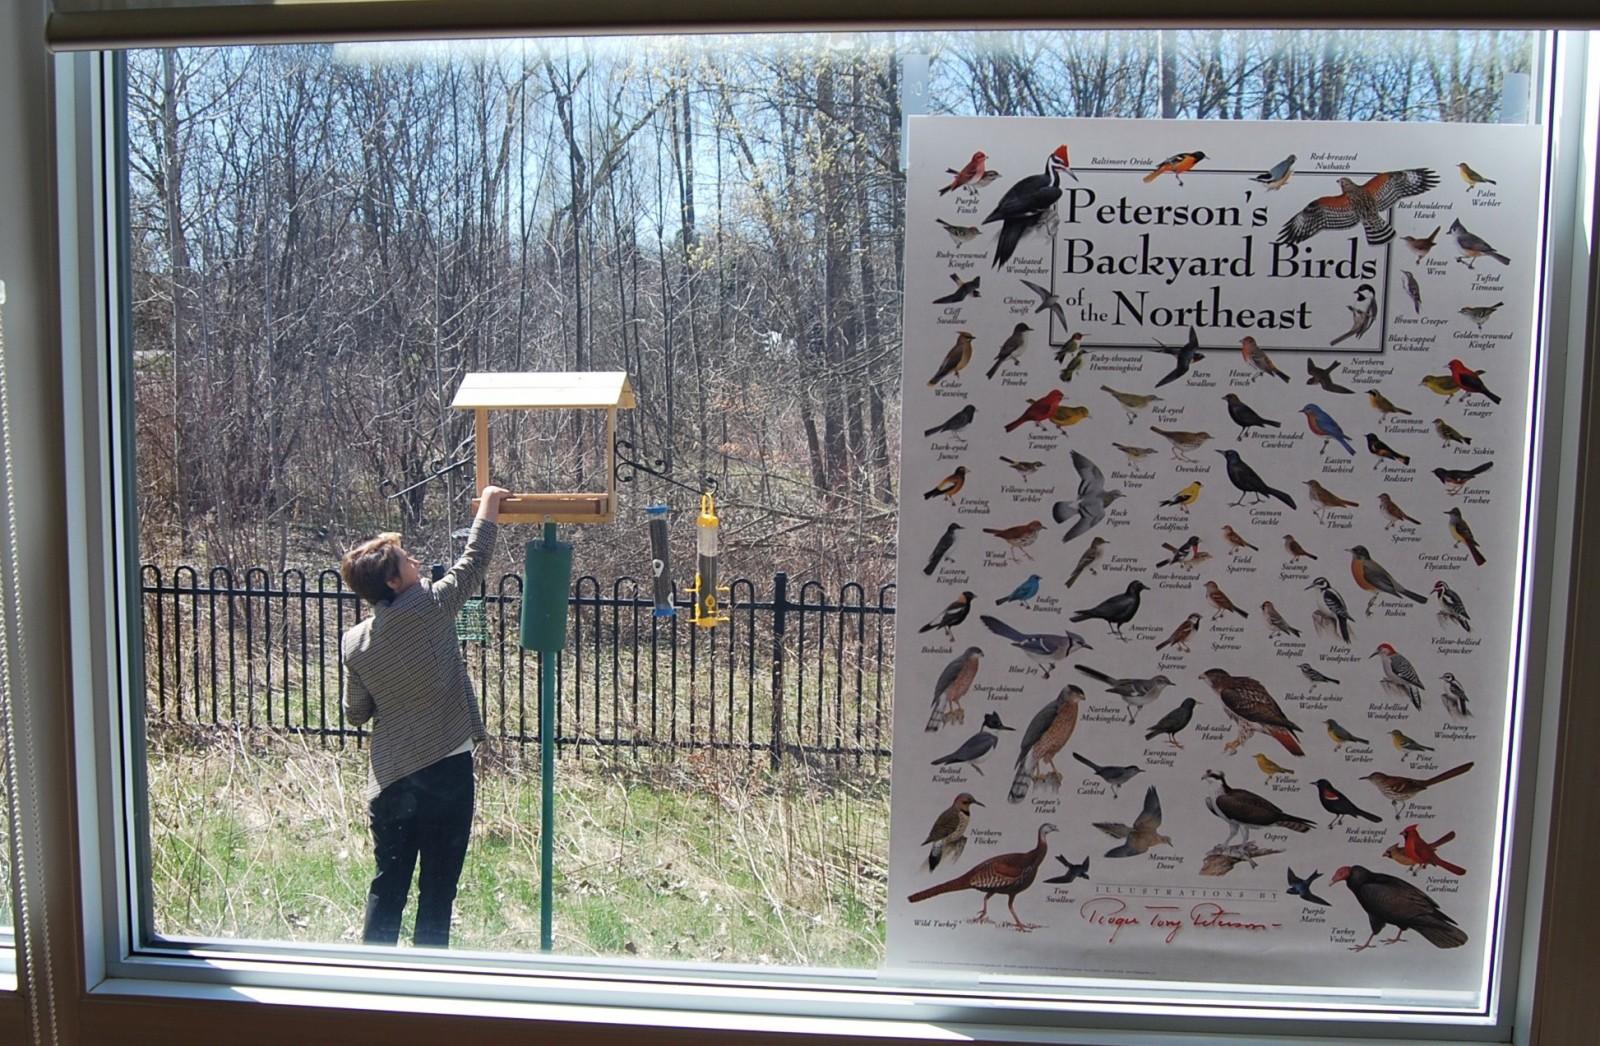 A researcher filling a bird feeder